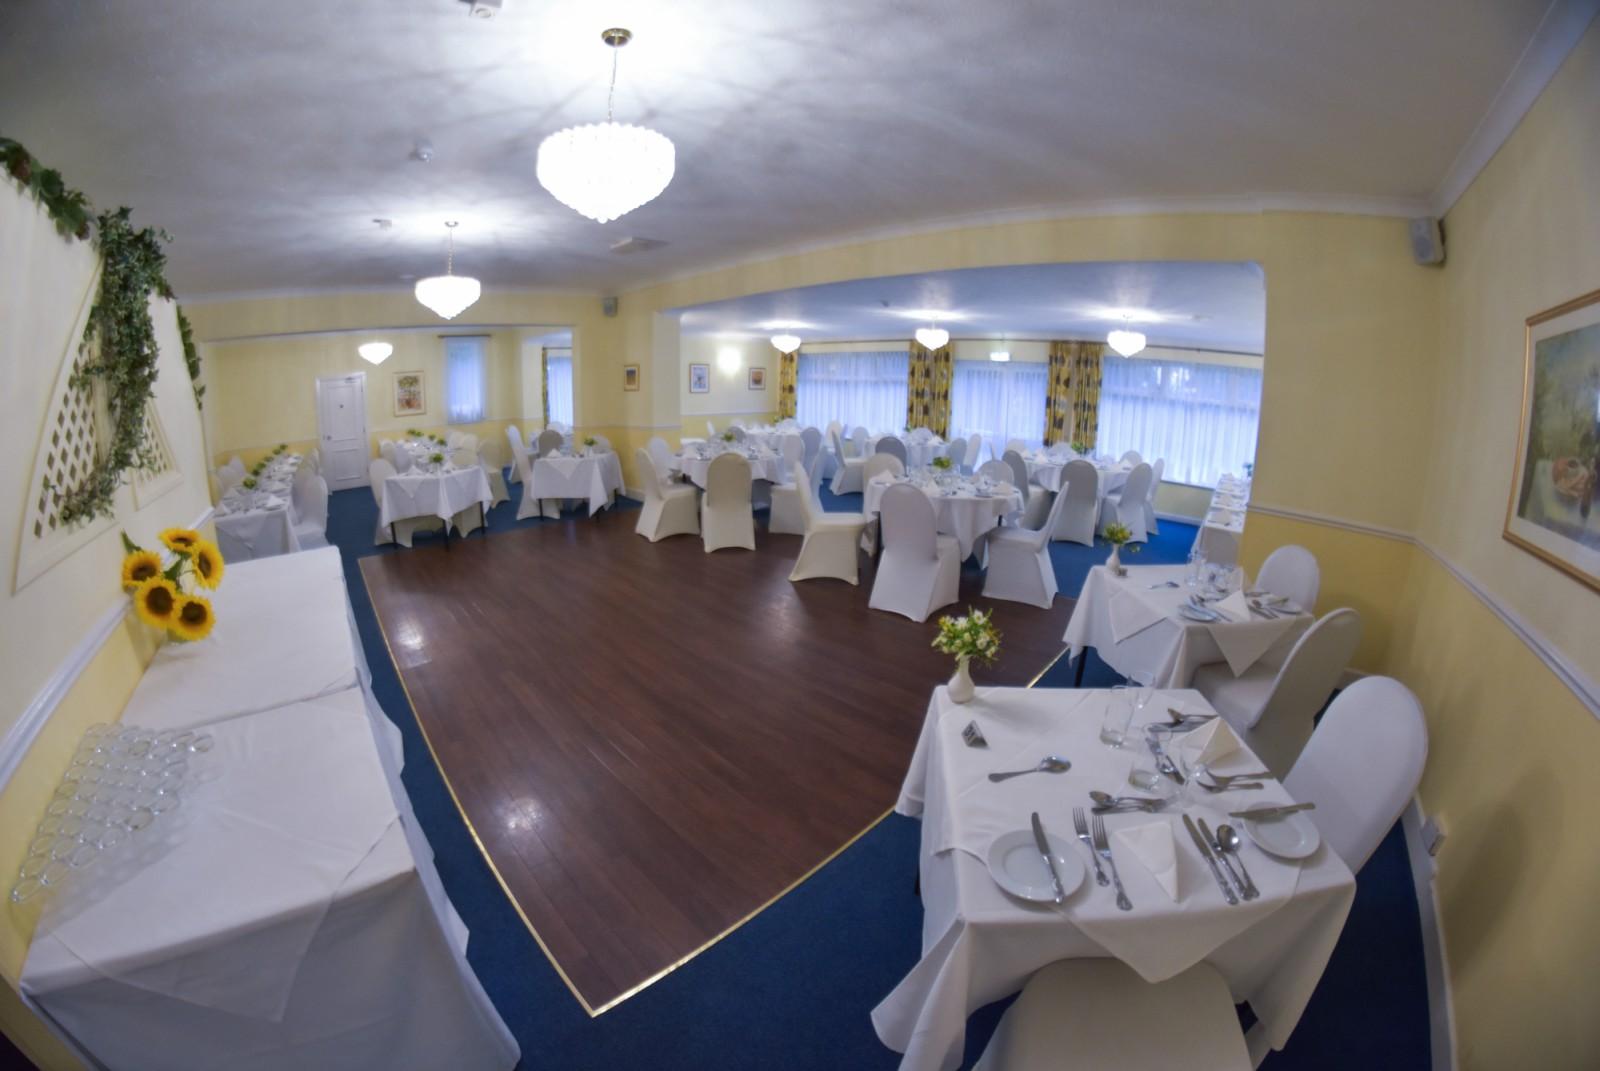 Lemon Tree Restaurant in Bournemouth